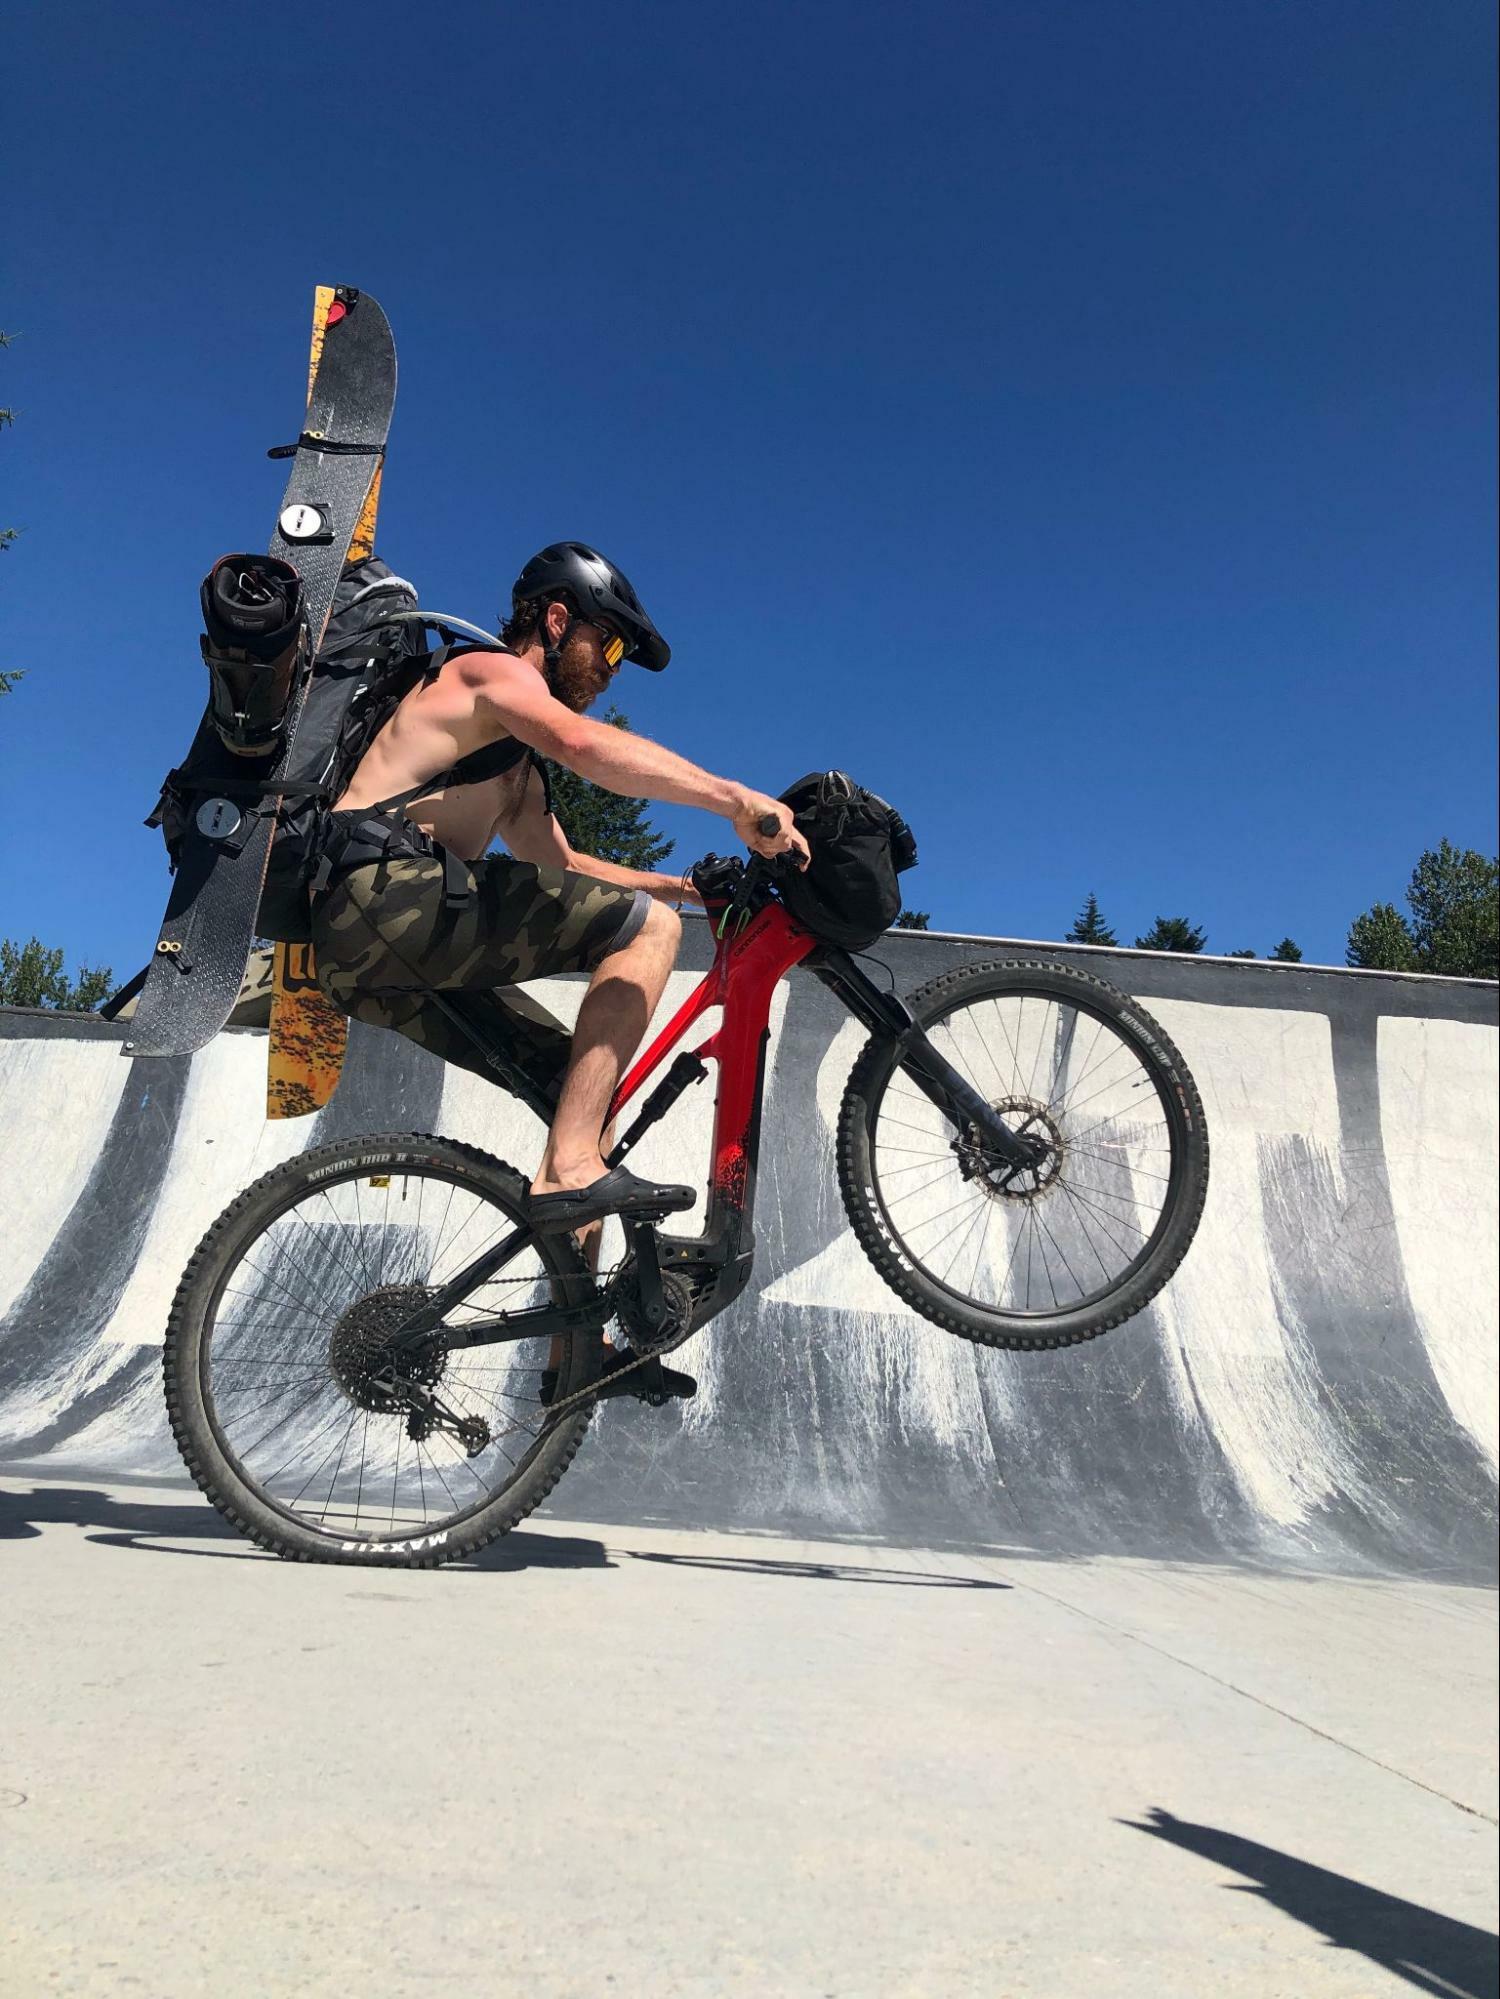 Bikepacking wheelie in the skatepark